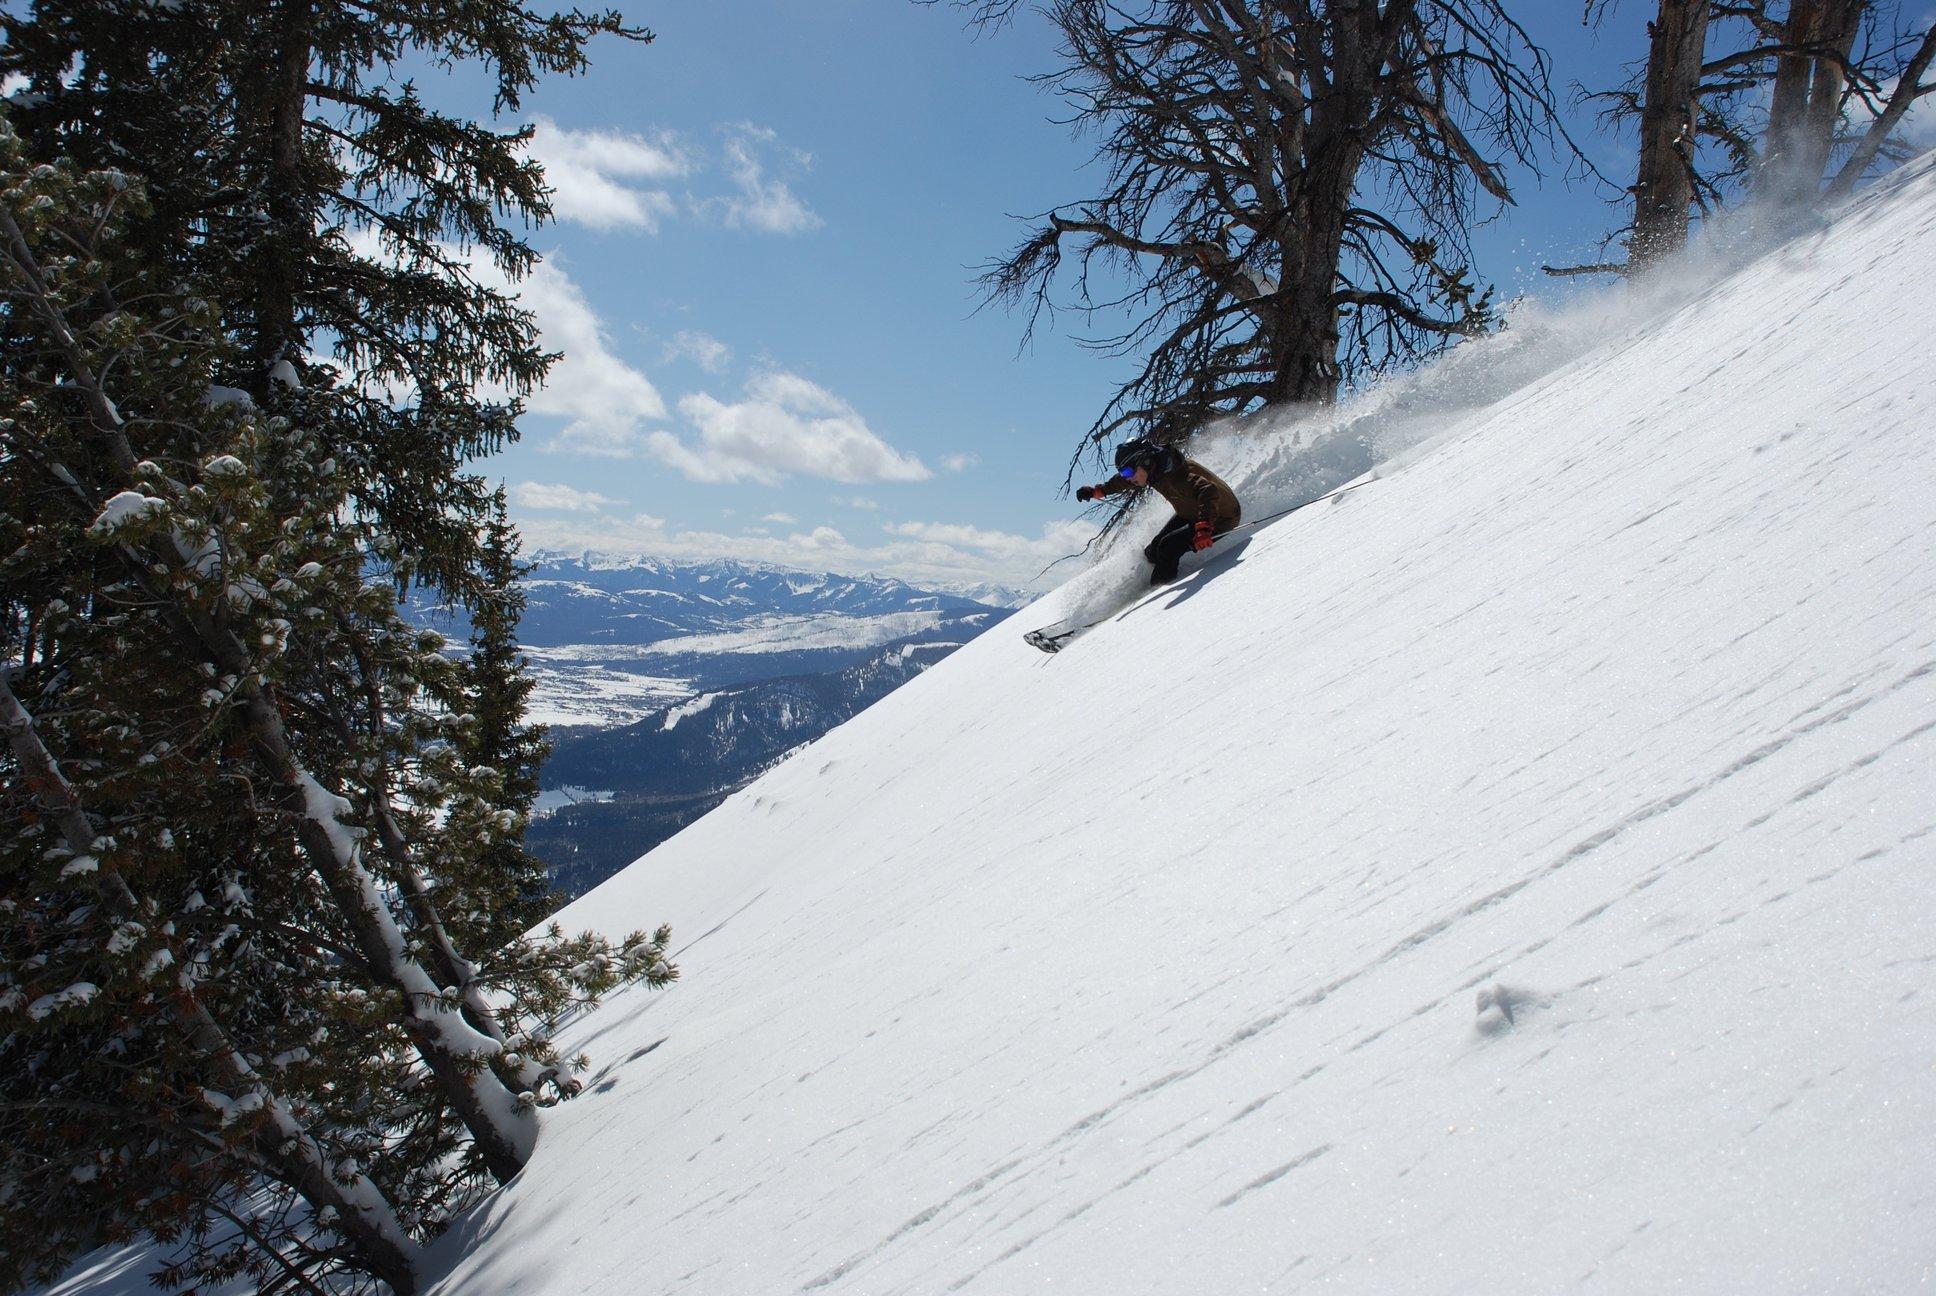 Skier on a black run